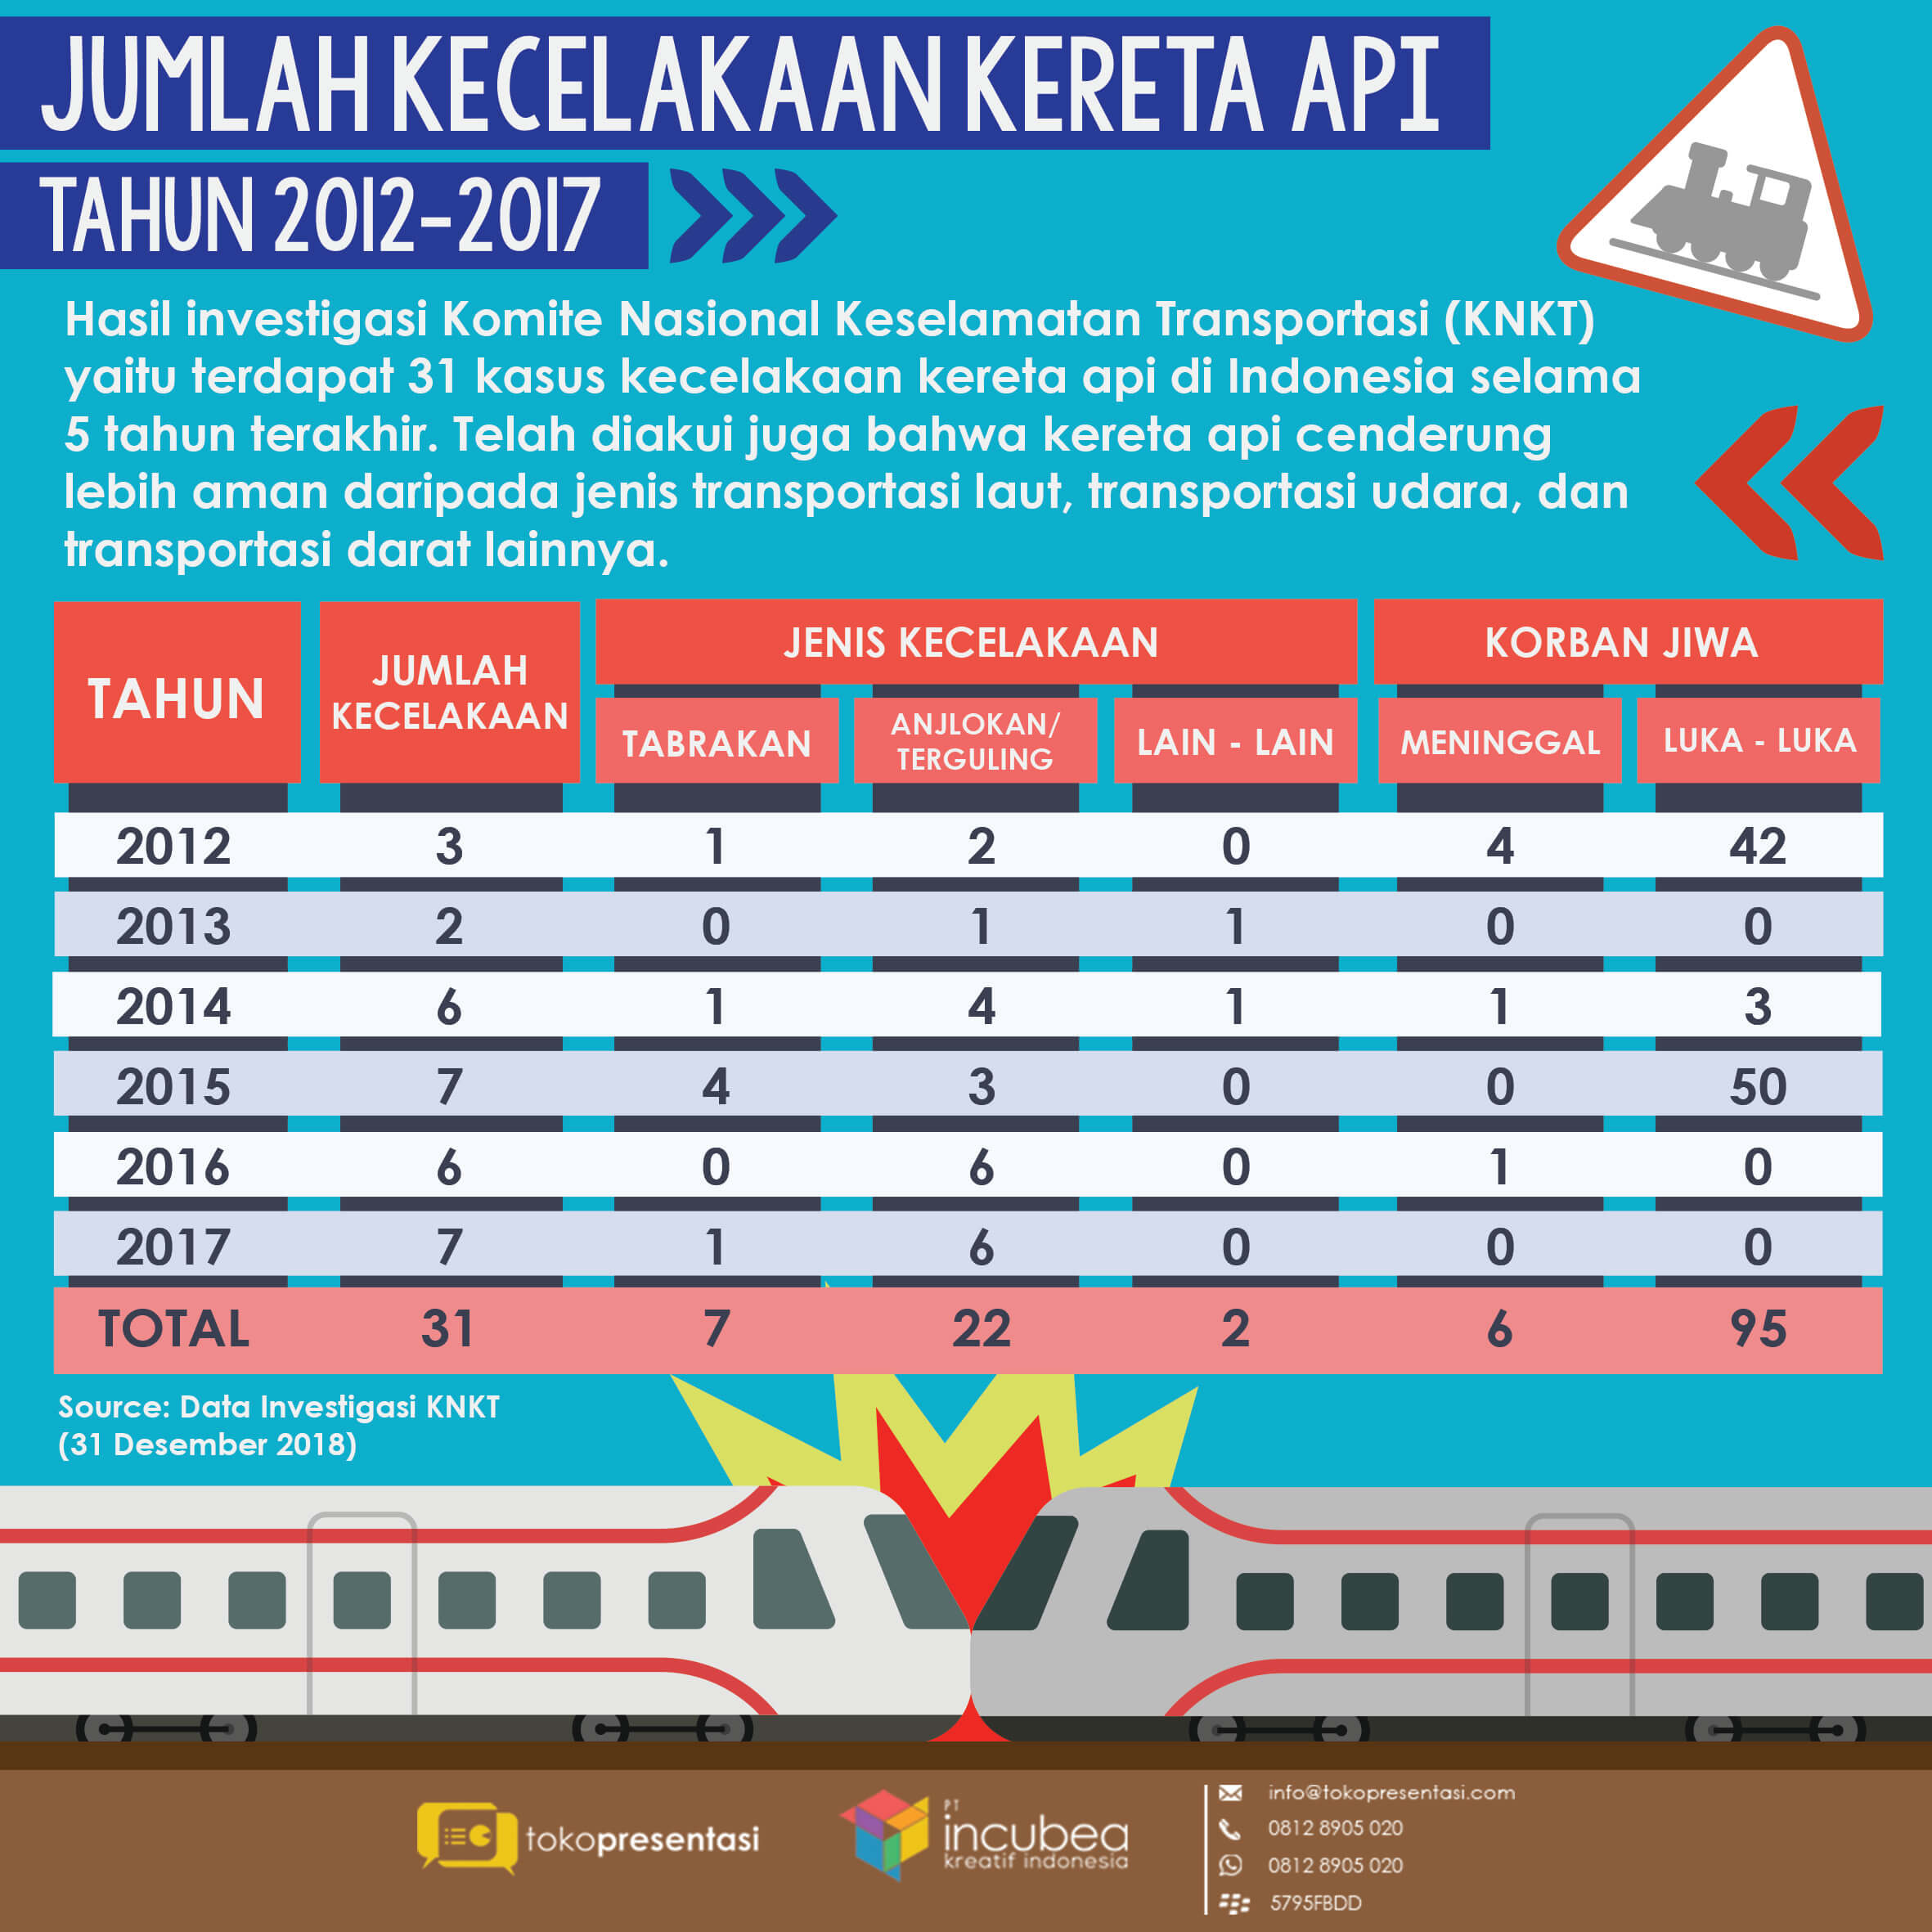 Infografis jumlah kecelakaan kereta api 2012-2017 tokopresentasi.com (2)